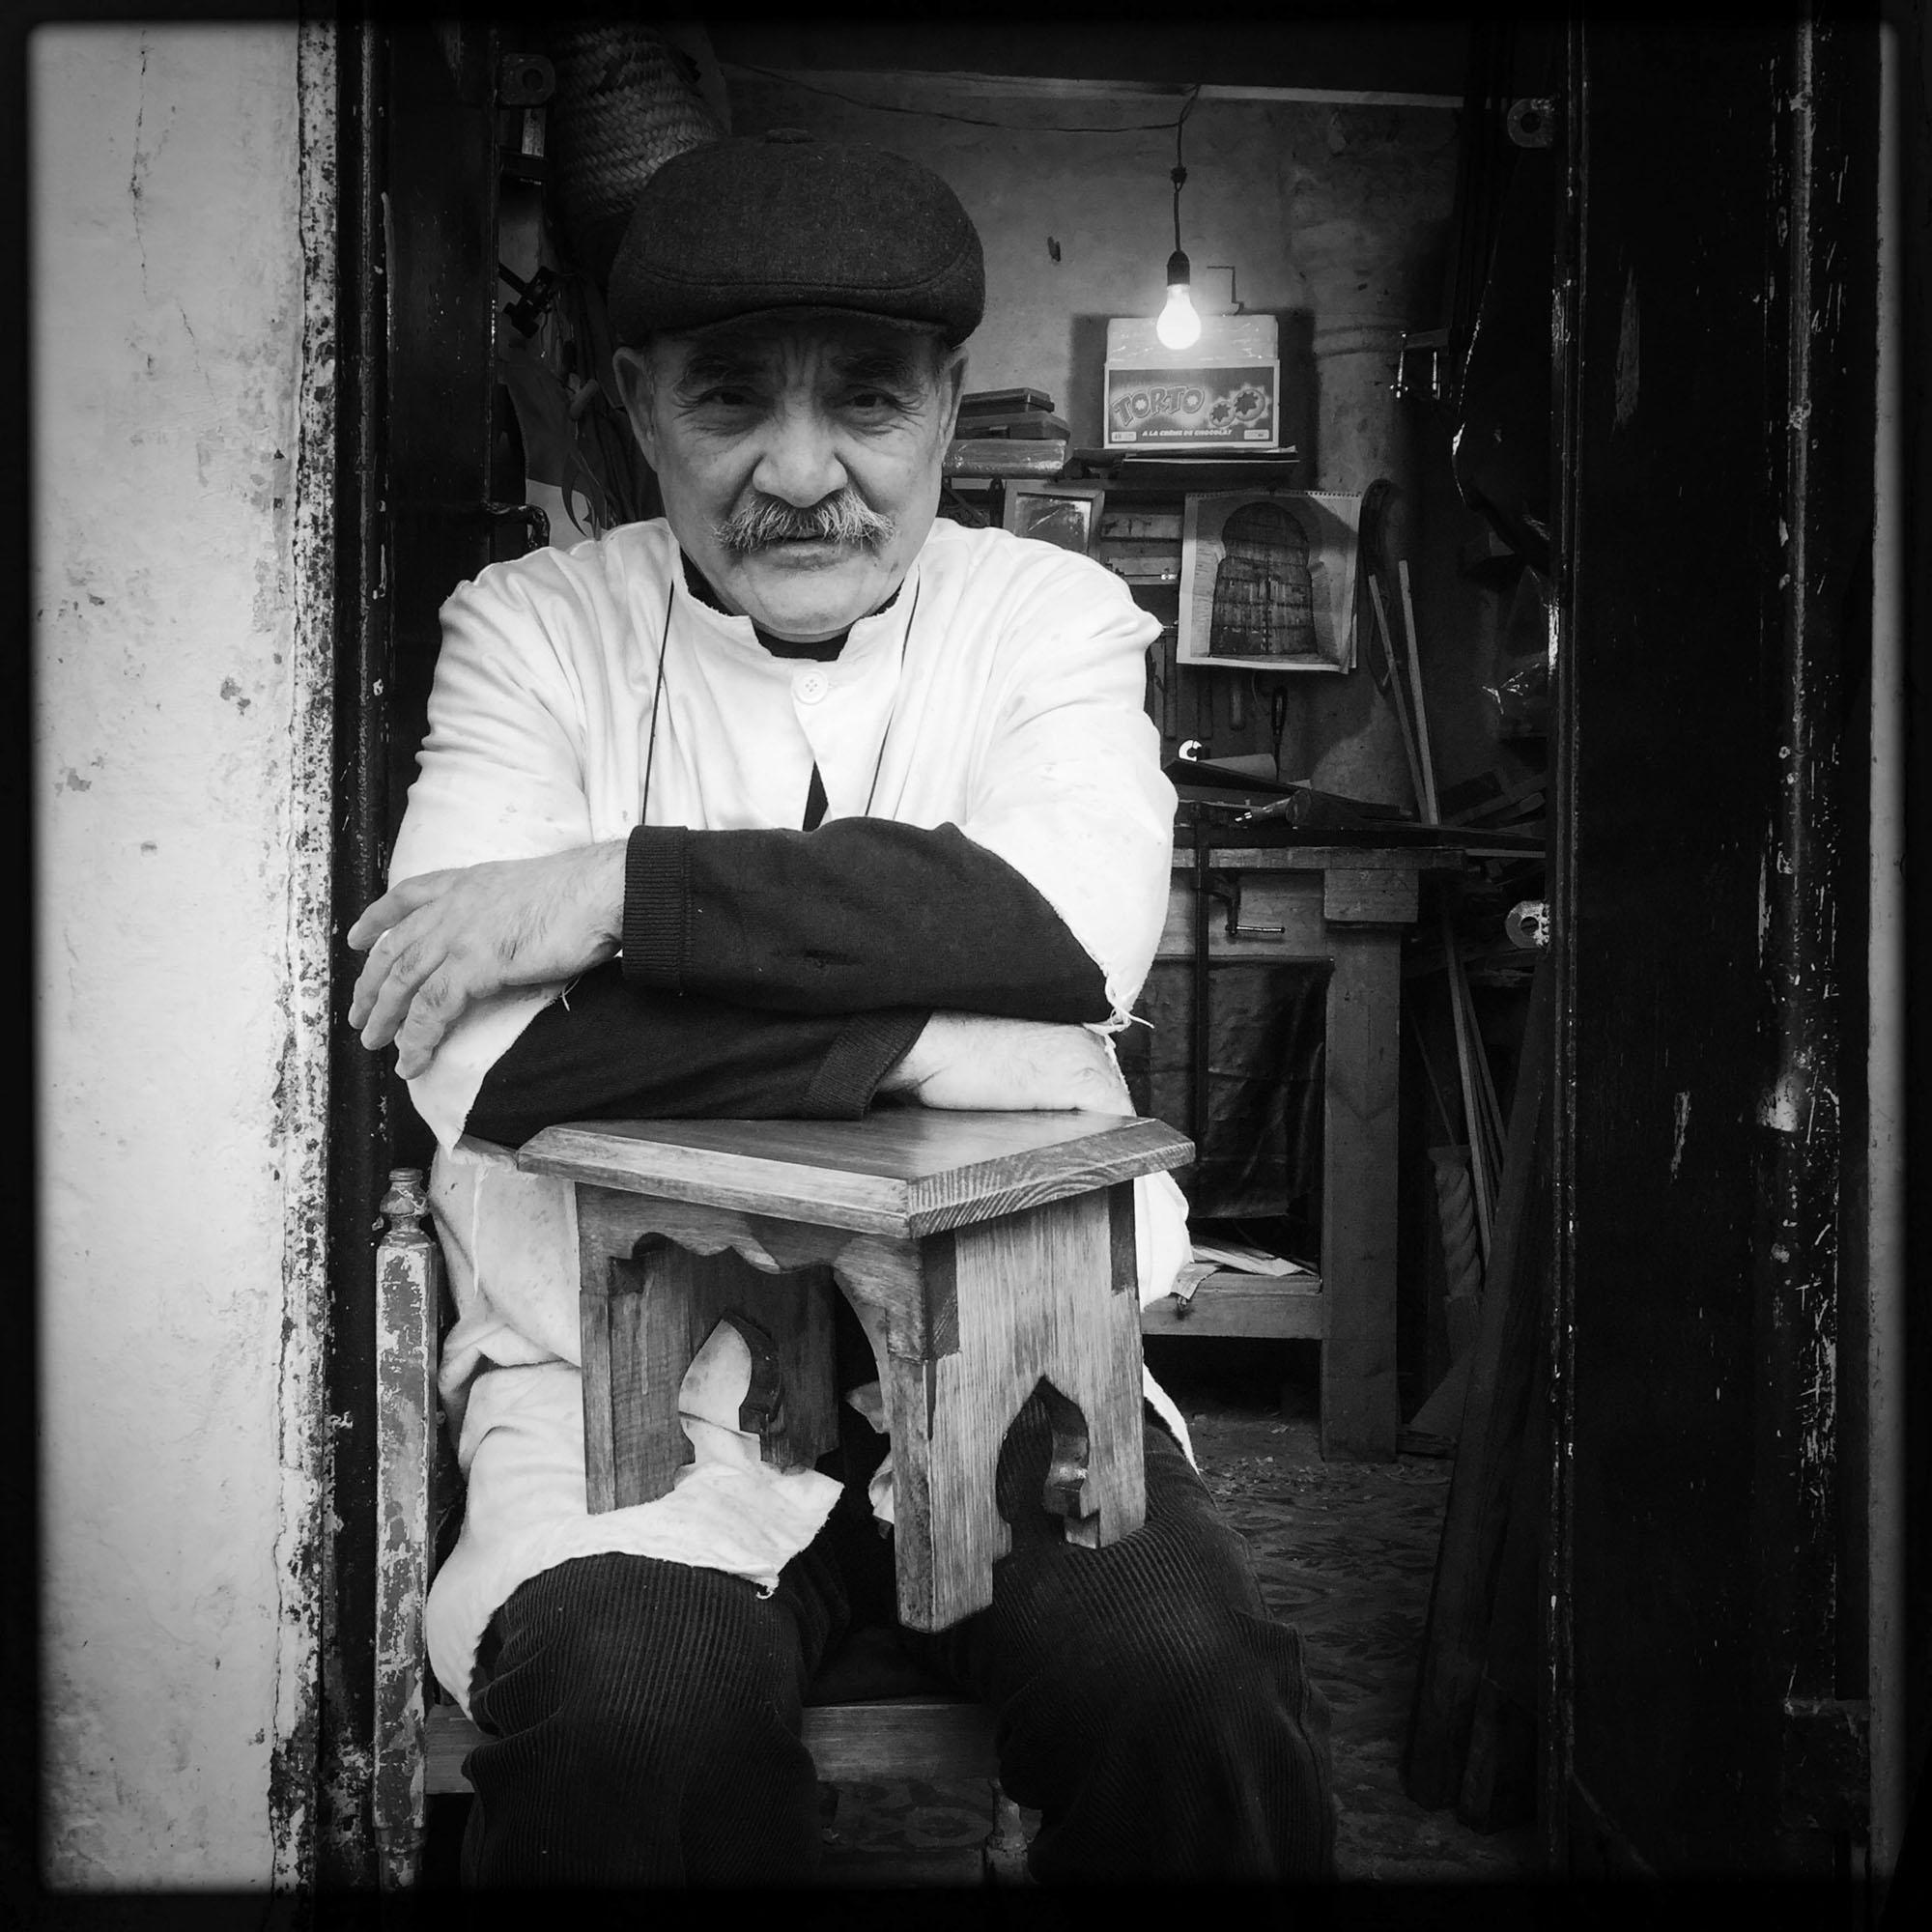 Un fabricant de tabourets et de meubles en bois, surpris lors de sa pause. 7/02/2016, Alger-ALGERIE.